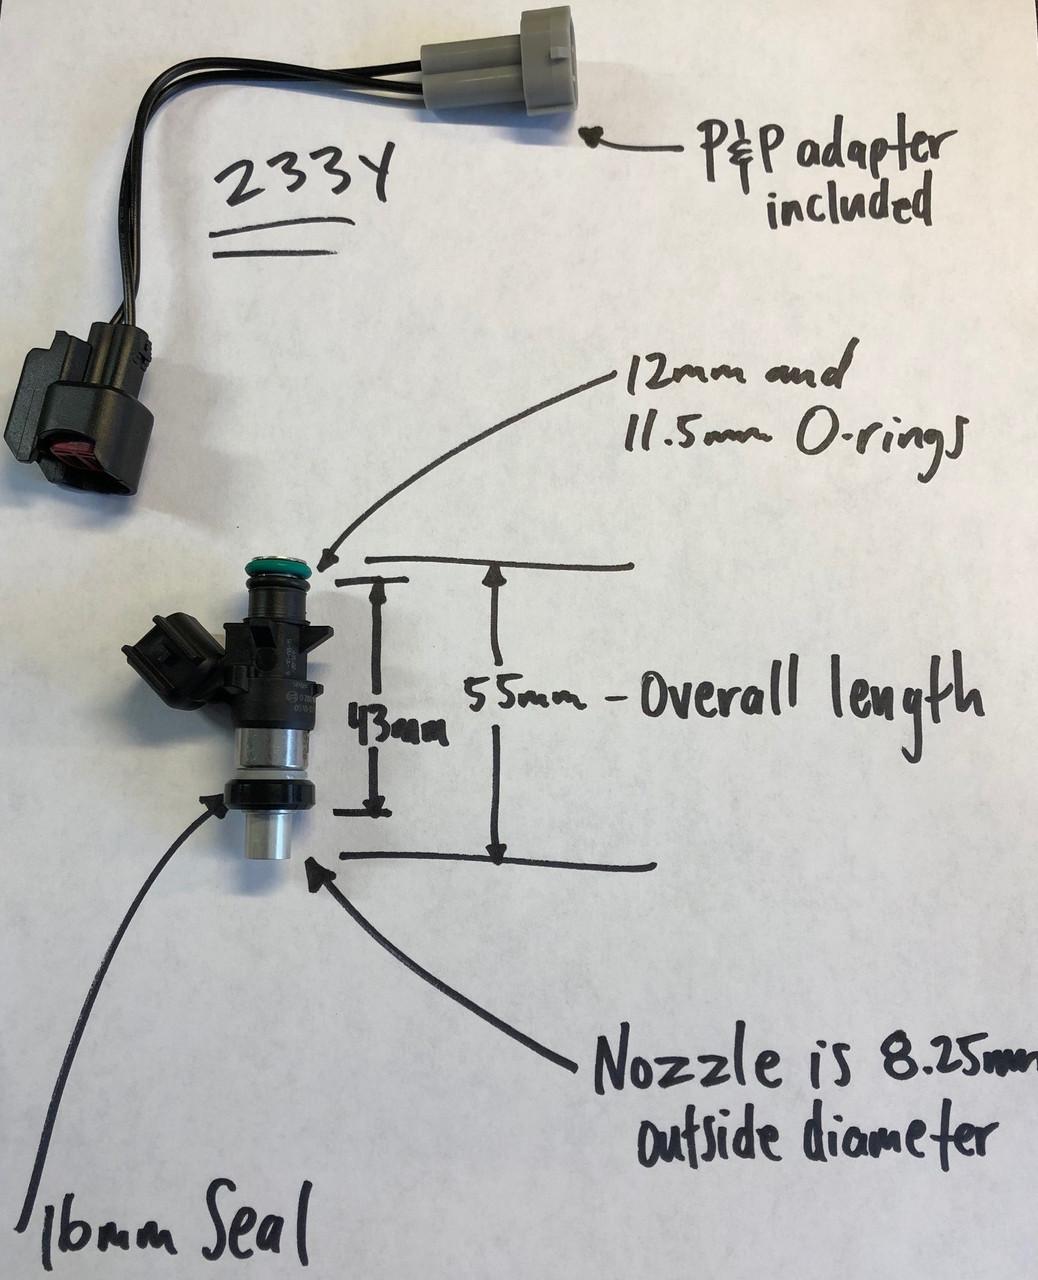 [WLLP_2054]   Kawasaki ZX14 / ZX10 Fuel Injector Upgrade - Schnitz Racing | Zx 14r Wiring Diagram |  | Schnitz Racing